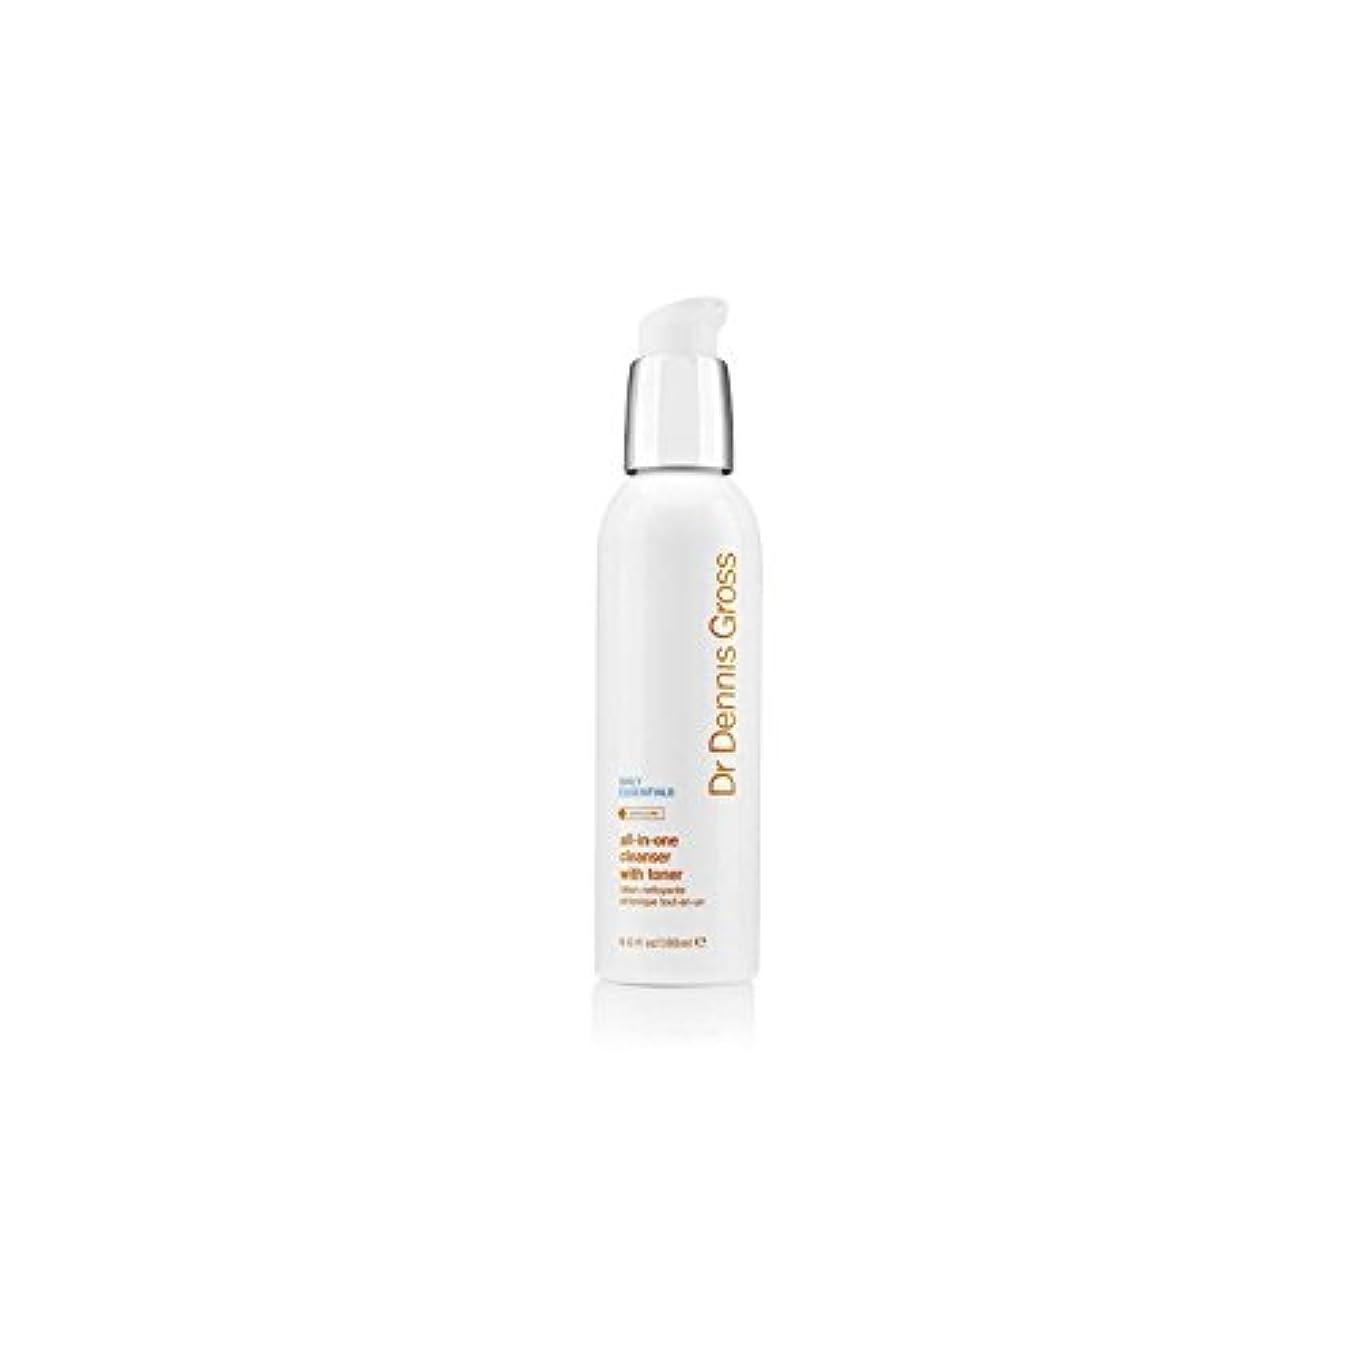 レタッチ流行放射するDr Dennis Gross All-In-One Facial Cleanser With Toner (180ml) (Pack of 6) - デニスグロスオールインワントナー(180ミリリットル)とフェイシャルクレンザー x6 [並行輸入品]